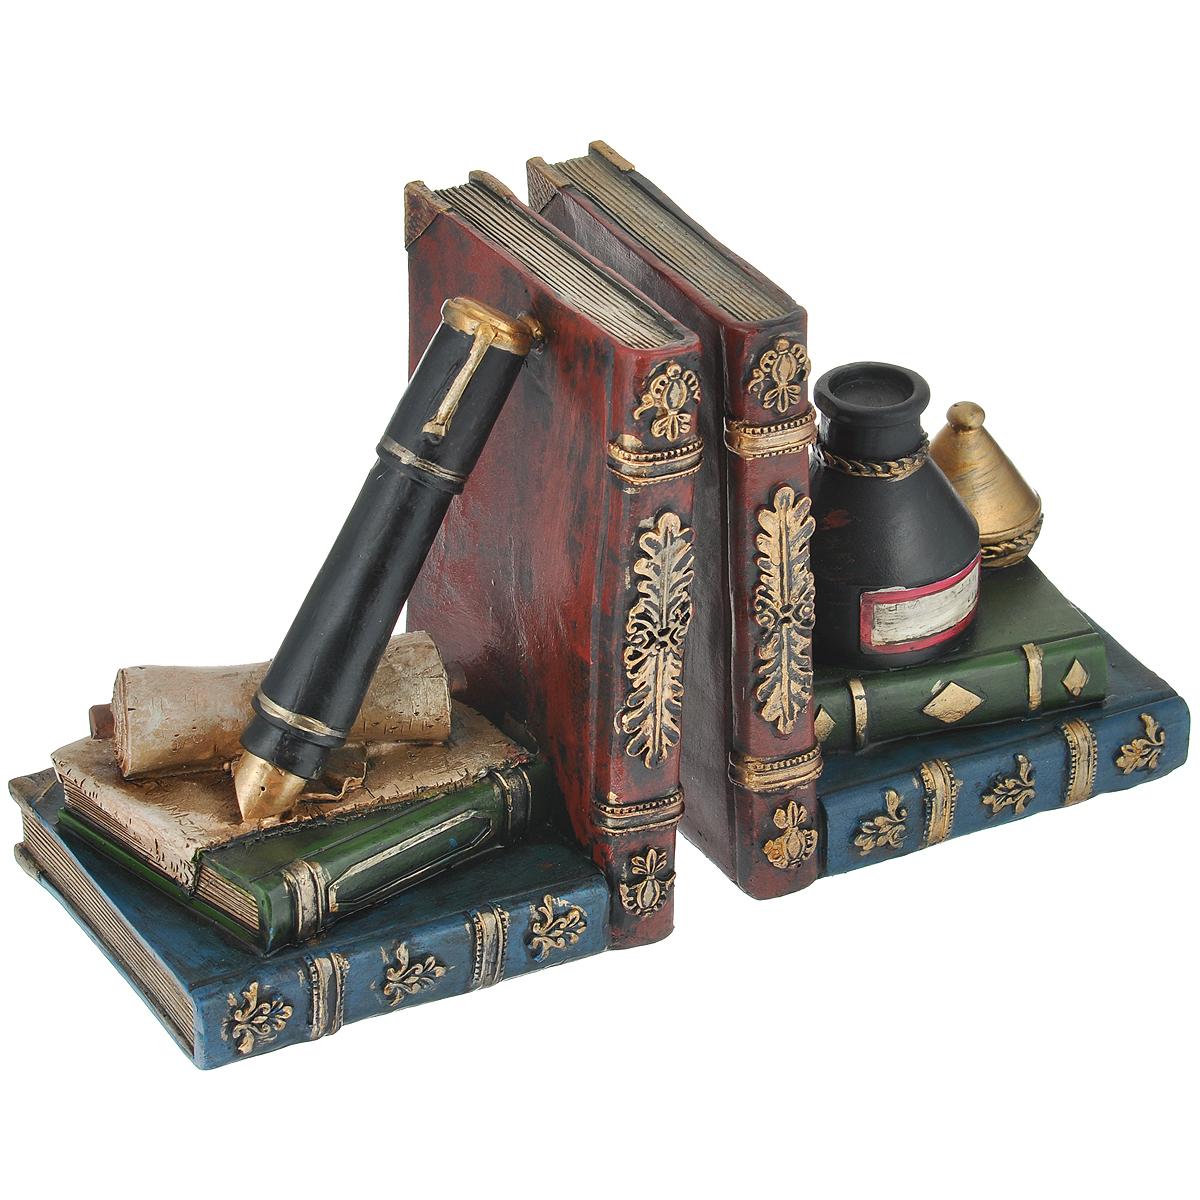 Декоративная подставка-ограничитель для книг Феникс-презент Алхимия, 2 шт канцелярия спейс подставка для книг